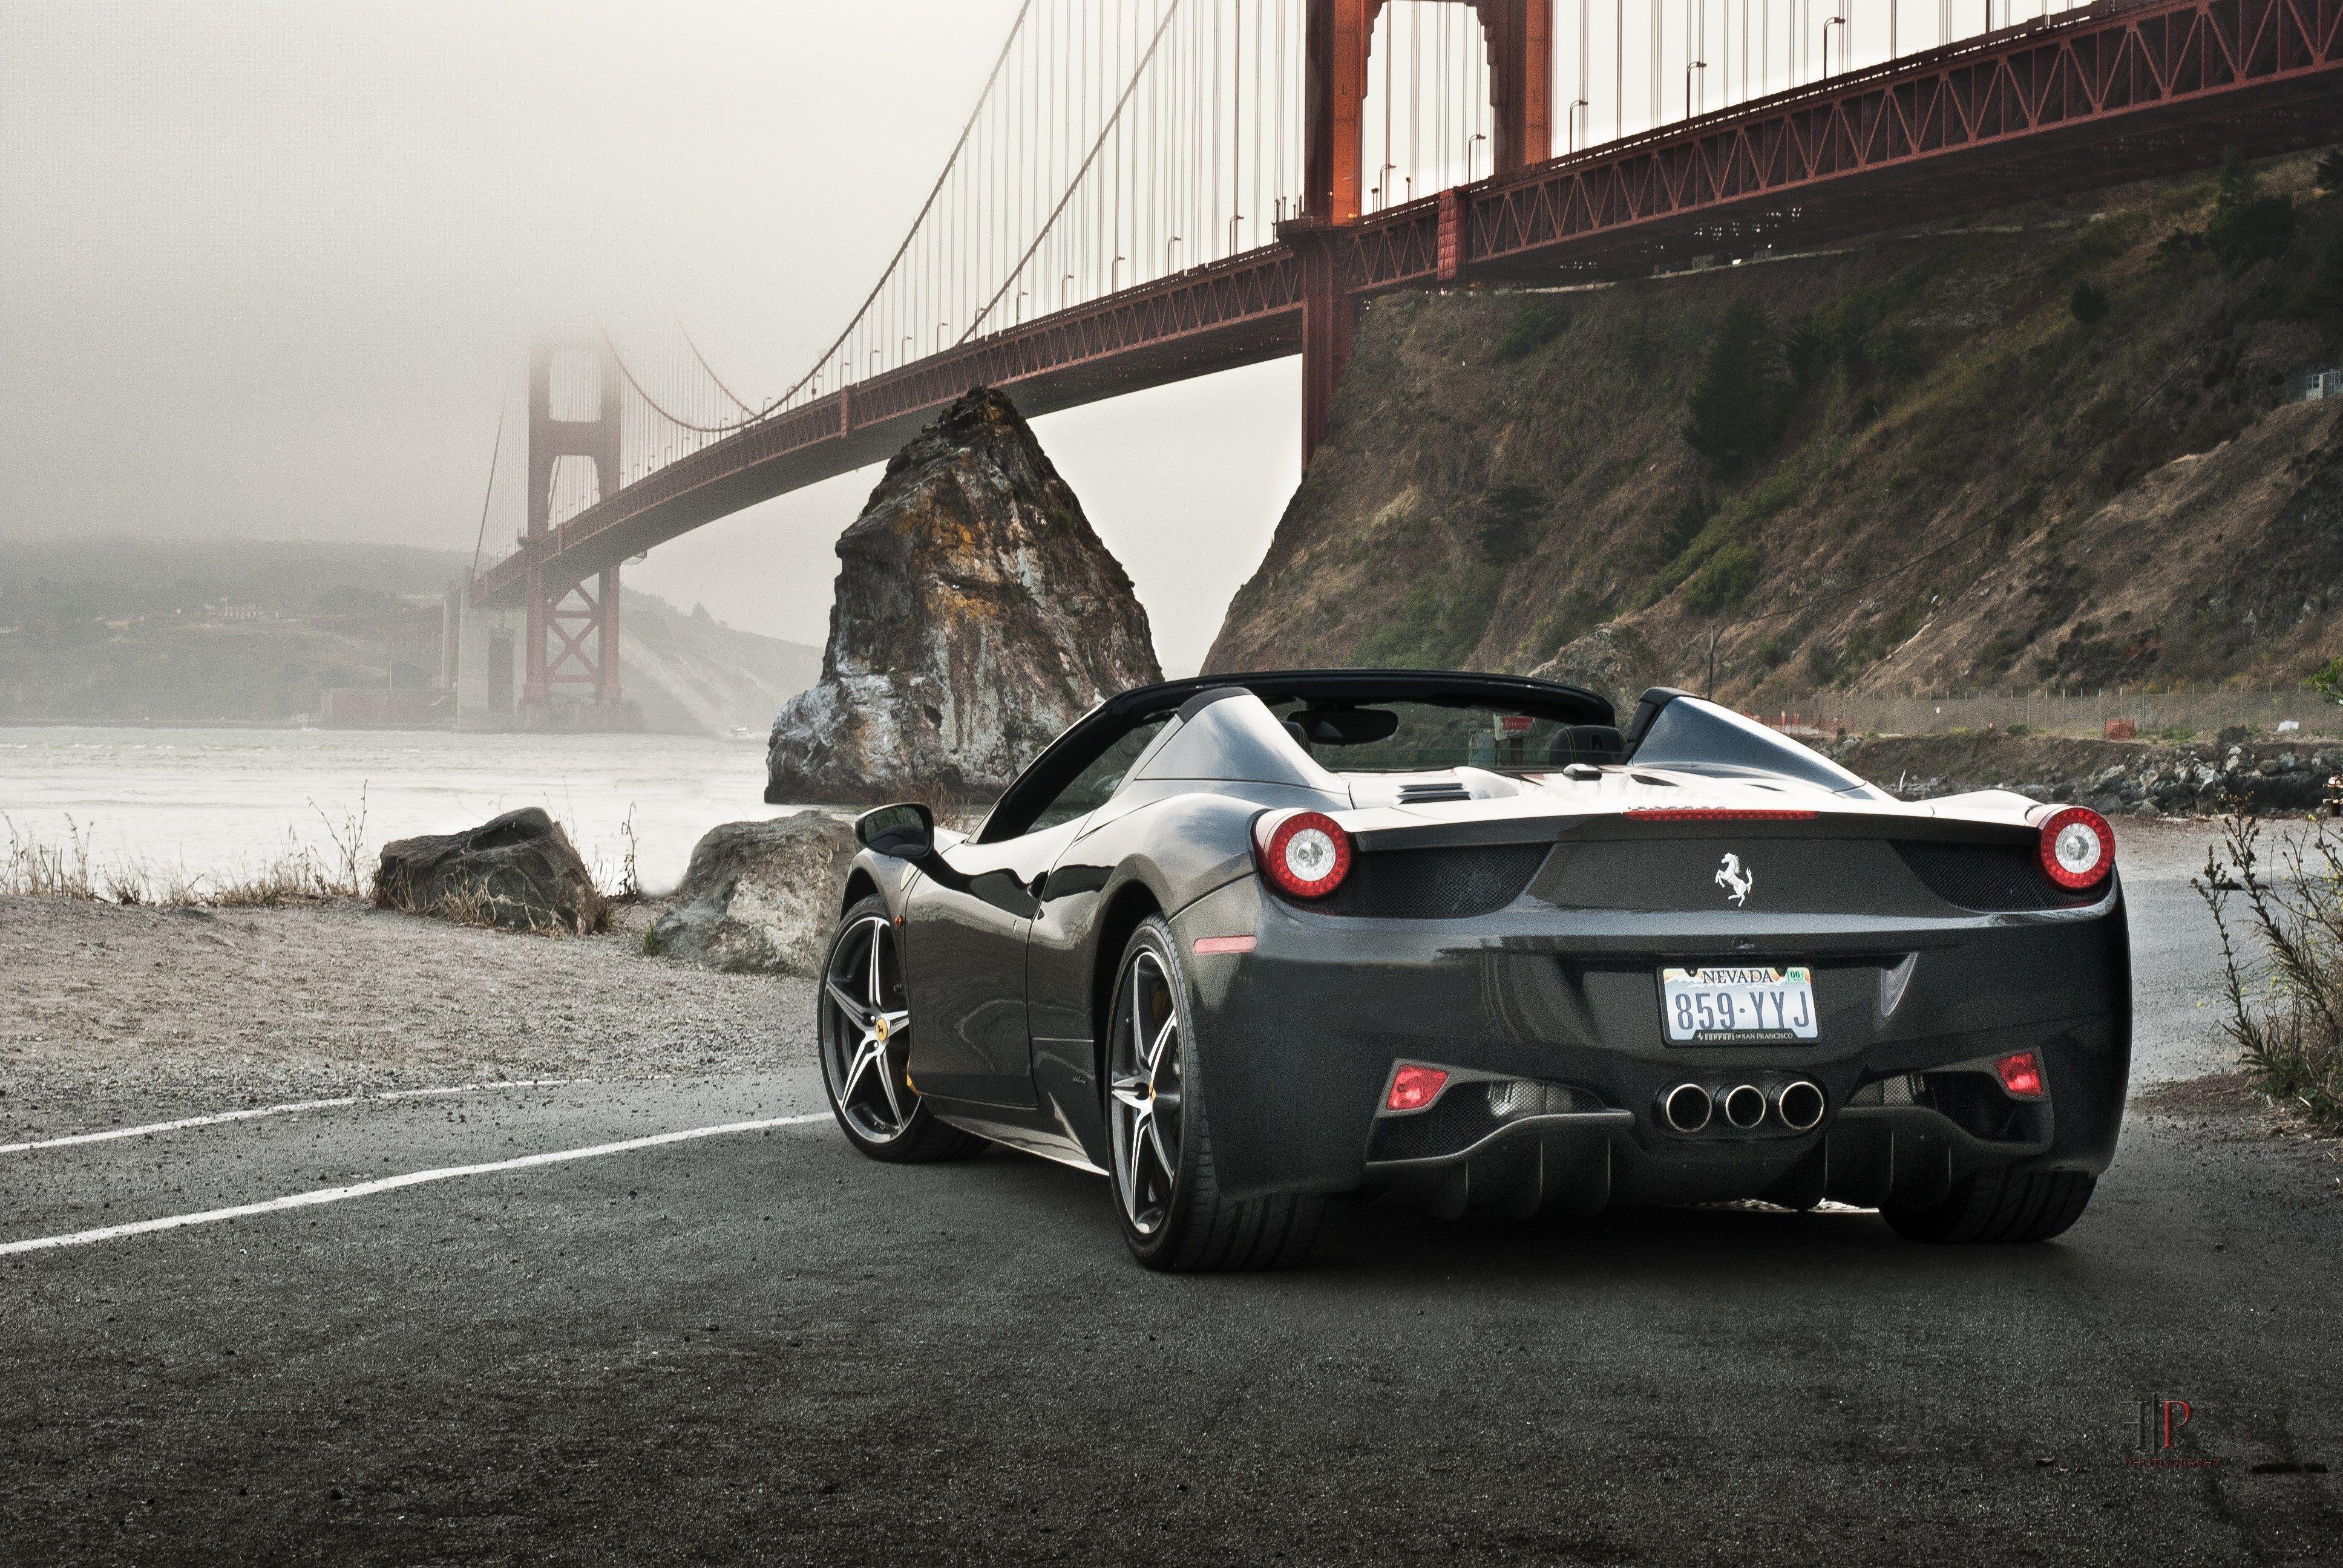 Ferrari 458 Spider Wallpaper For Desktop Background 3872x2592 3010